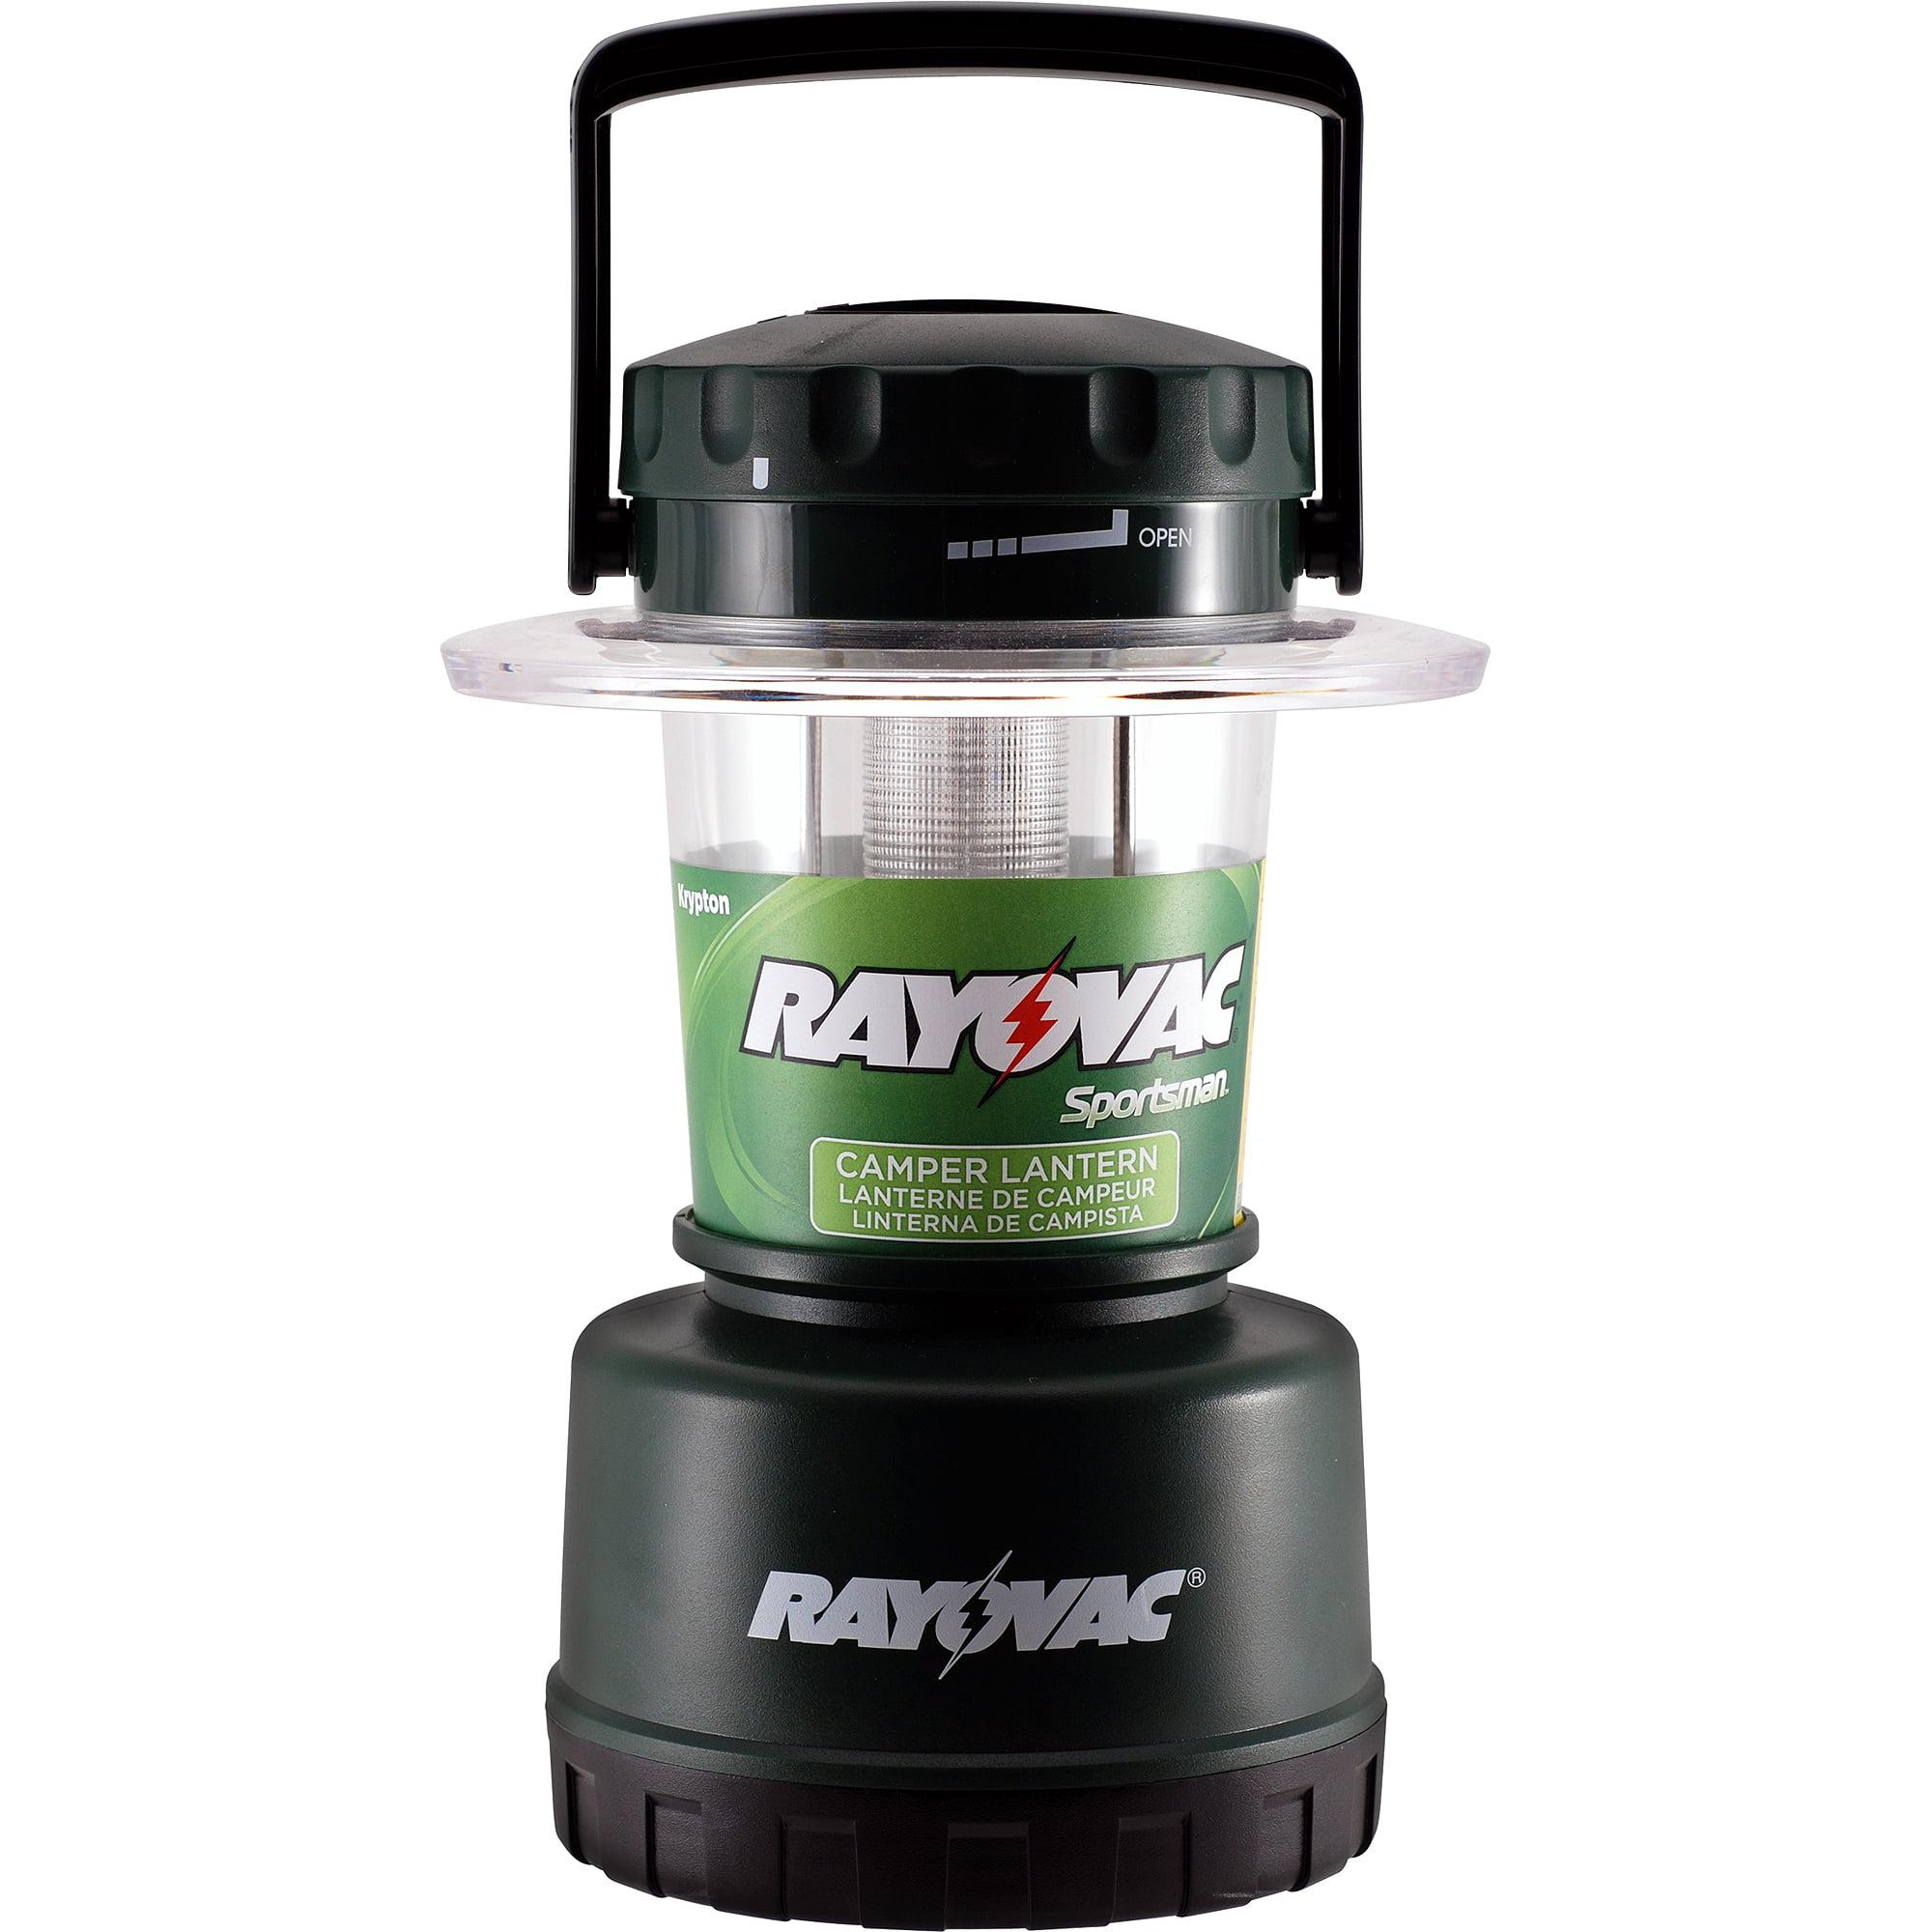 Rayovac Sportsman Lantern, 65 Lumens by Generic